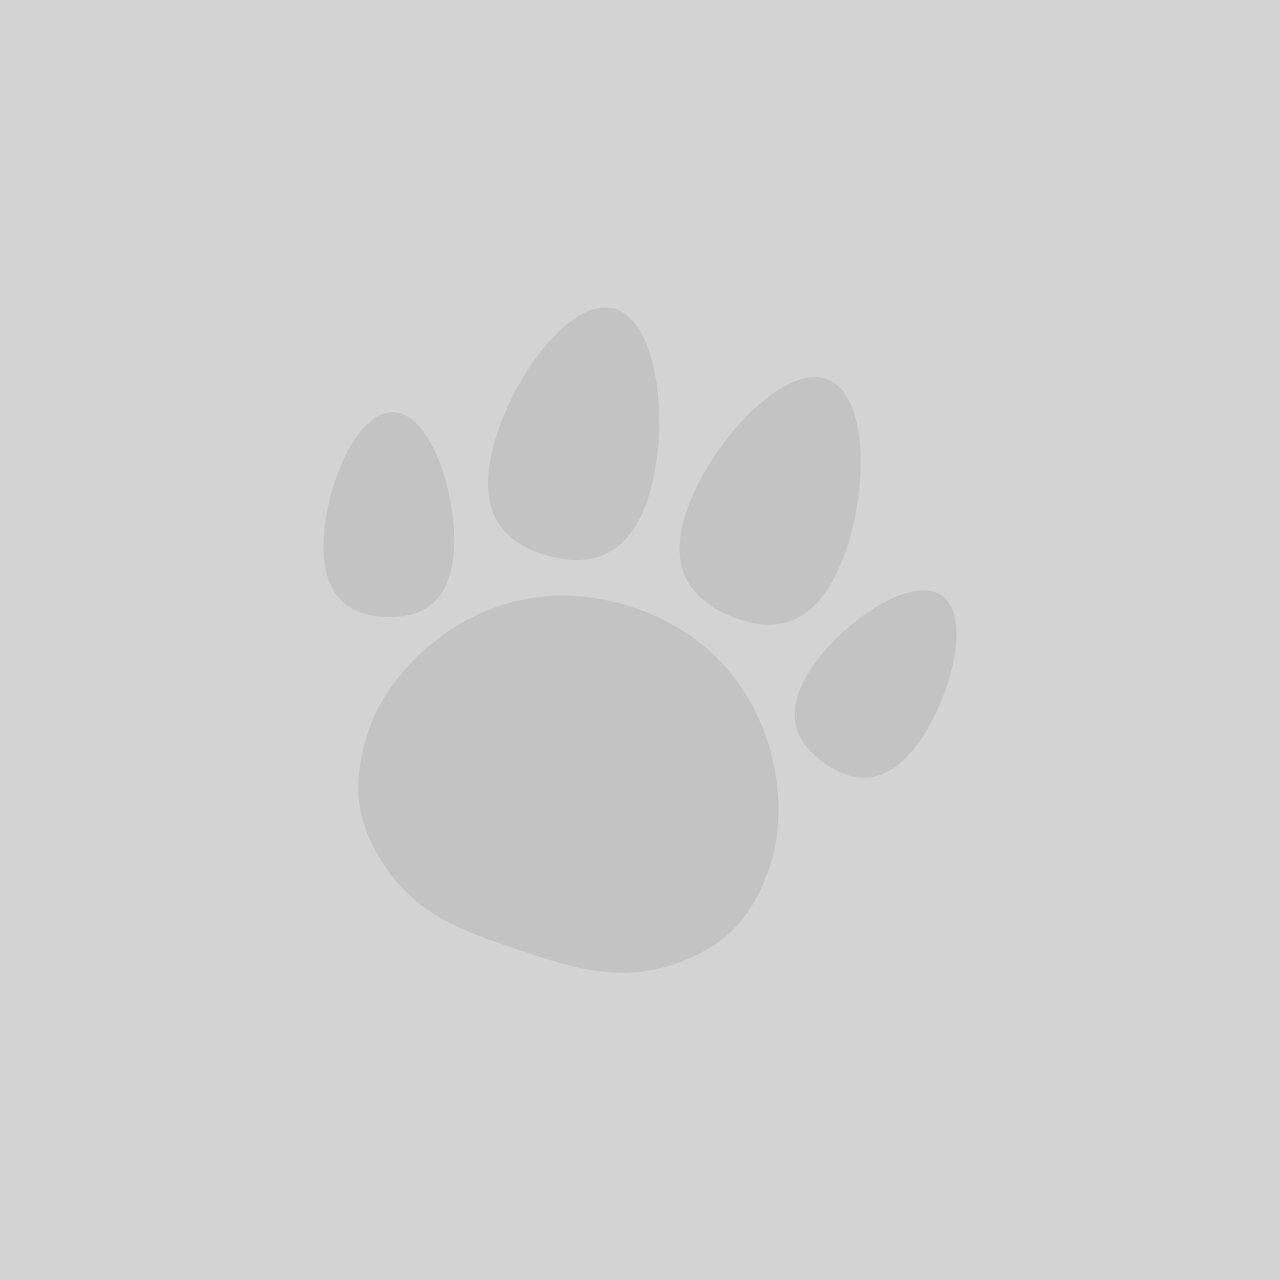 Kong Yarnimals Zebra Small/Medium